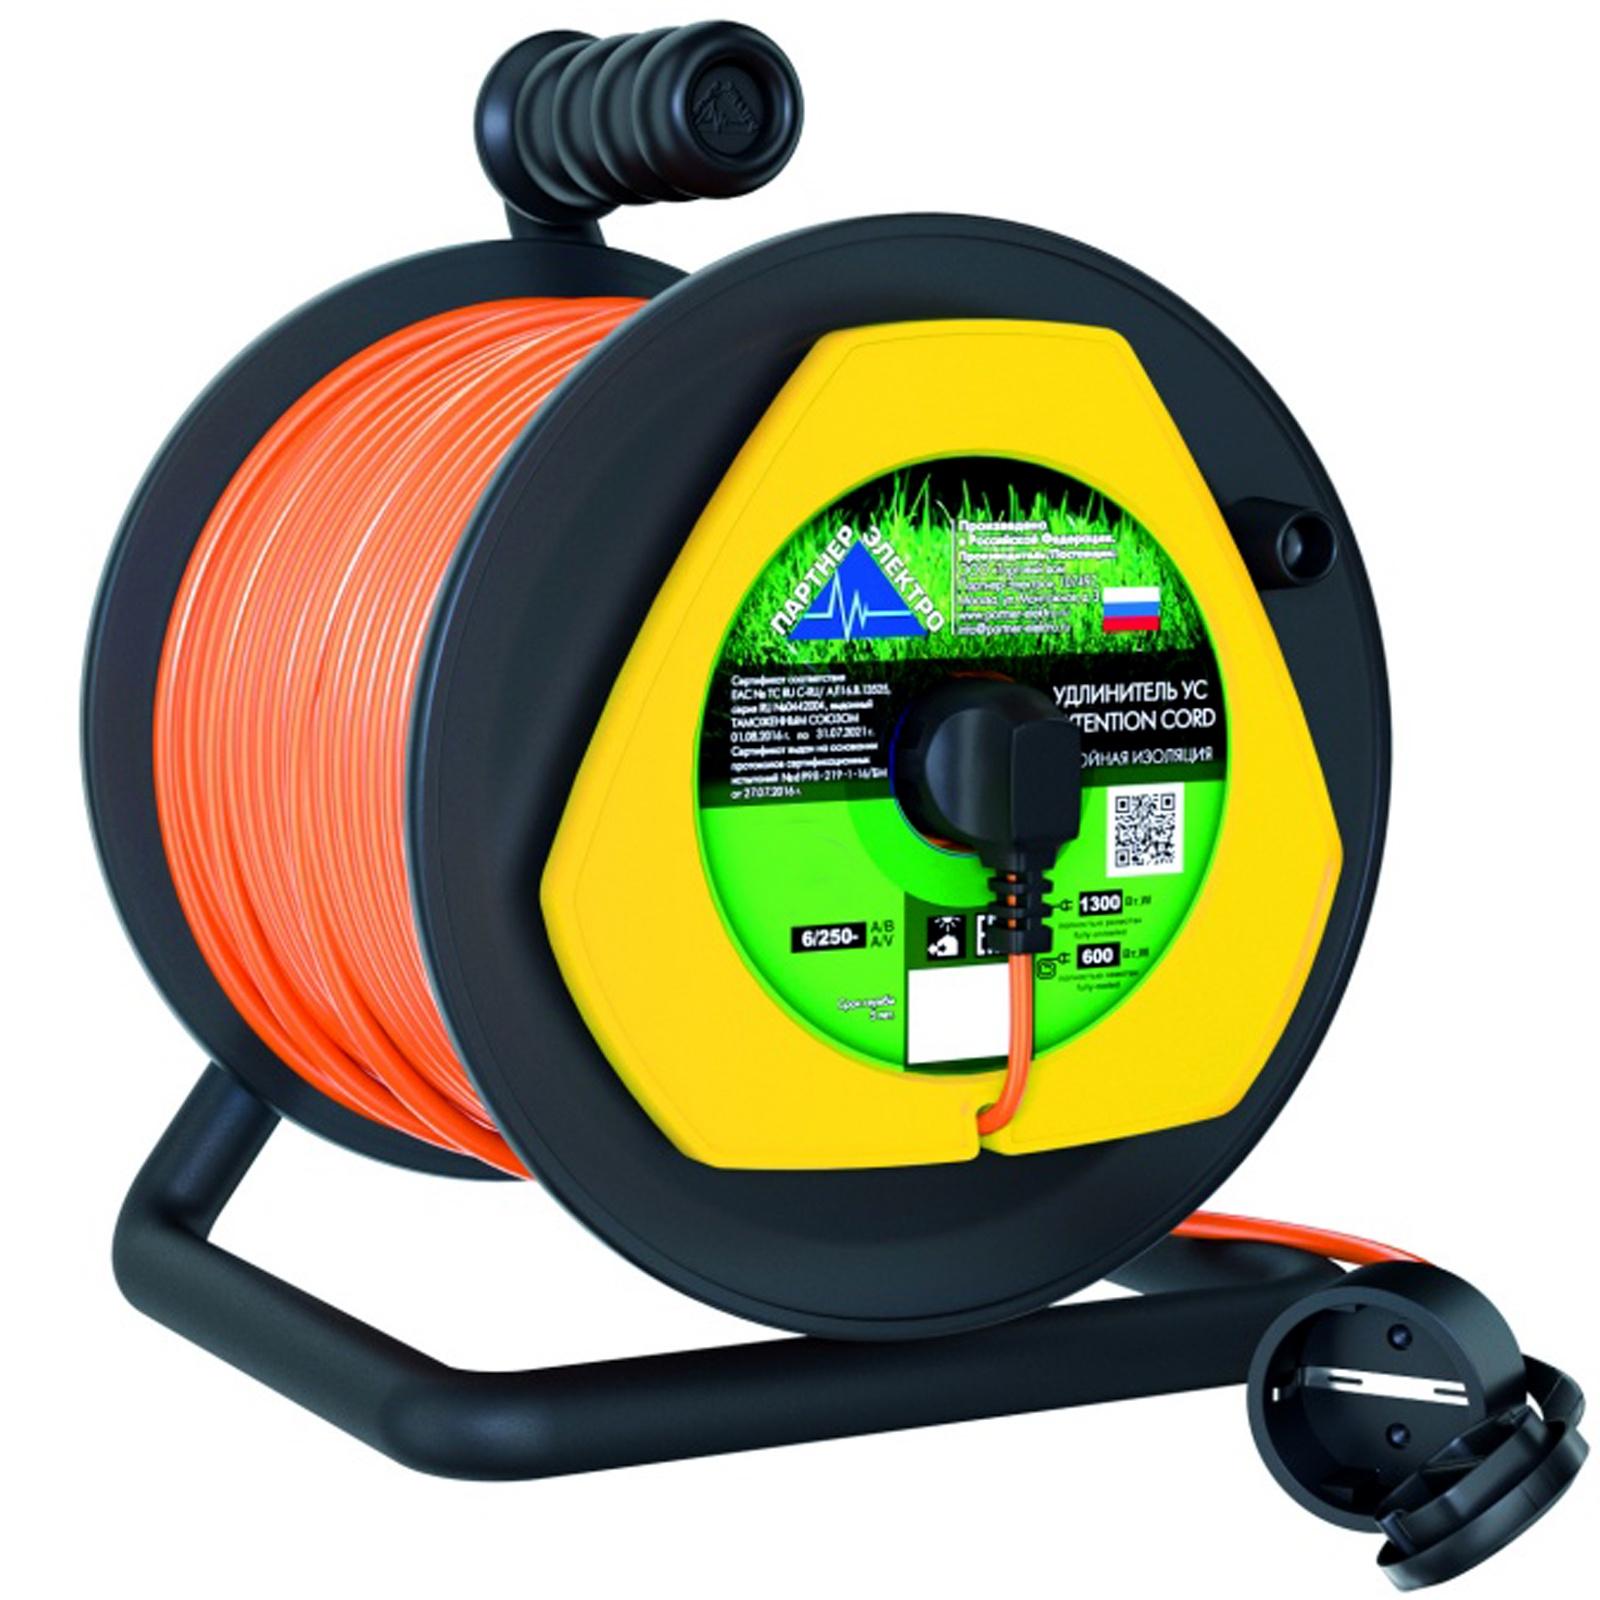 Удлинитель Партнер-Электро ПВС 2х0,75 ГОСТ,6A,20 метров,IP 44,на пластиковой катушке с выносной розеткой